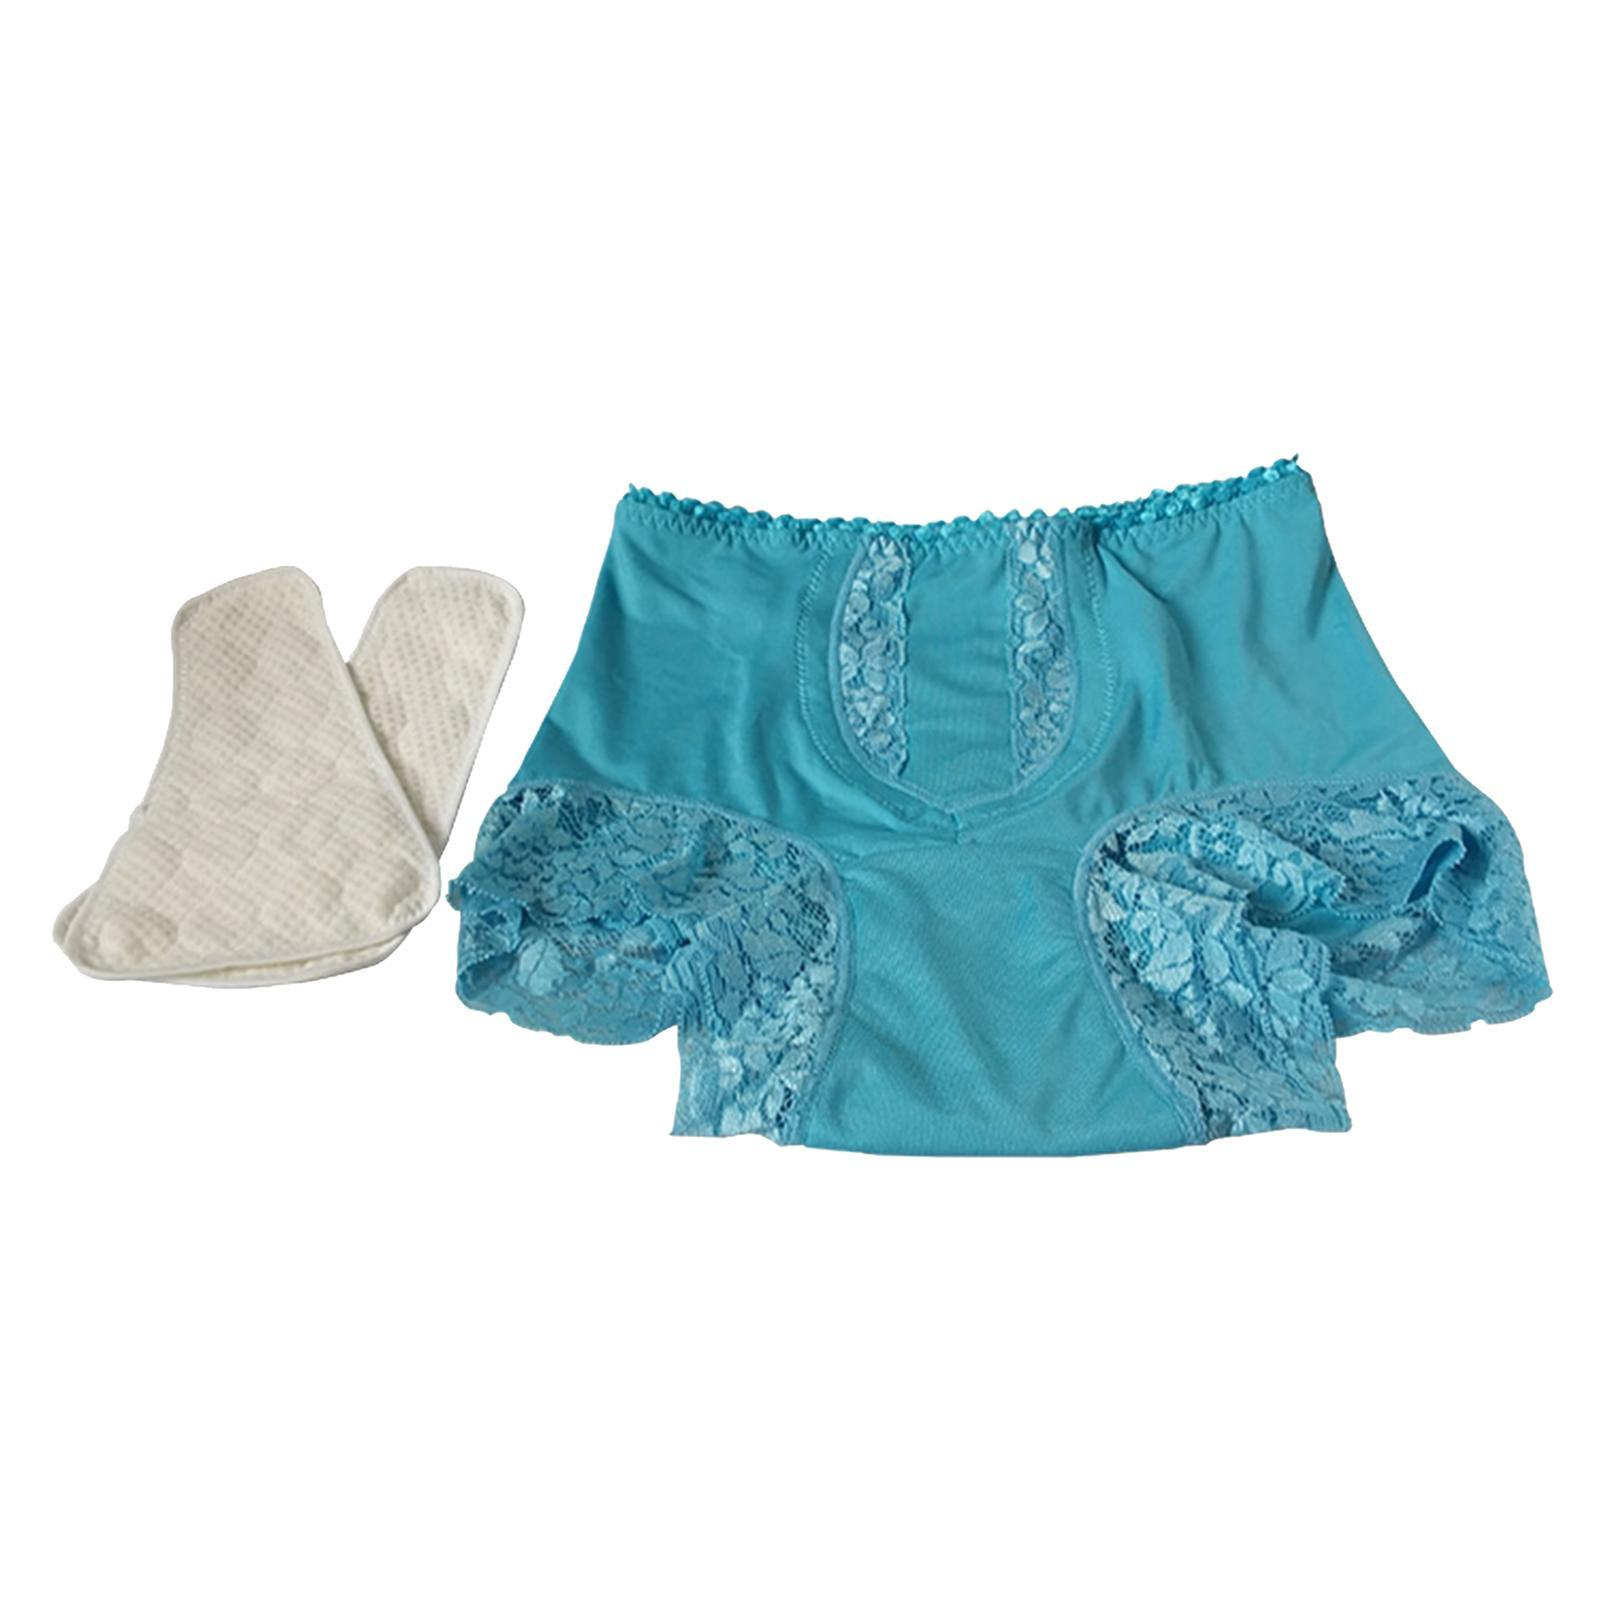 Indexbild 43 - Wiederverwendbare Inkontinenz Unterwäsche mit Pad für Frauen Menstruations